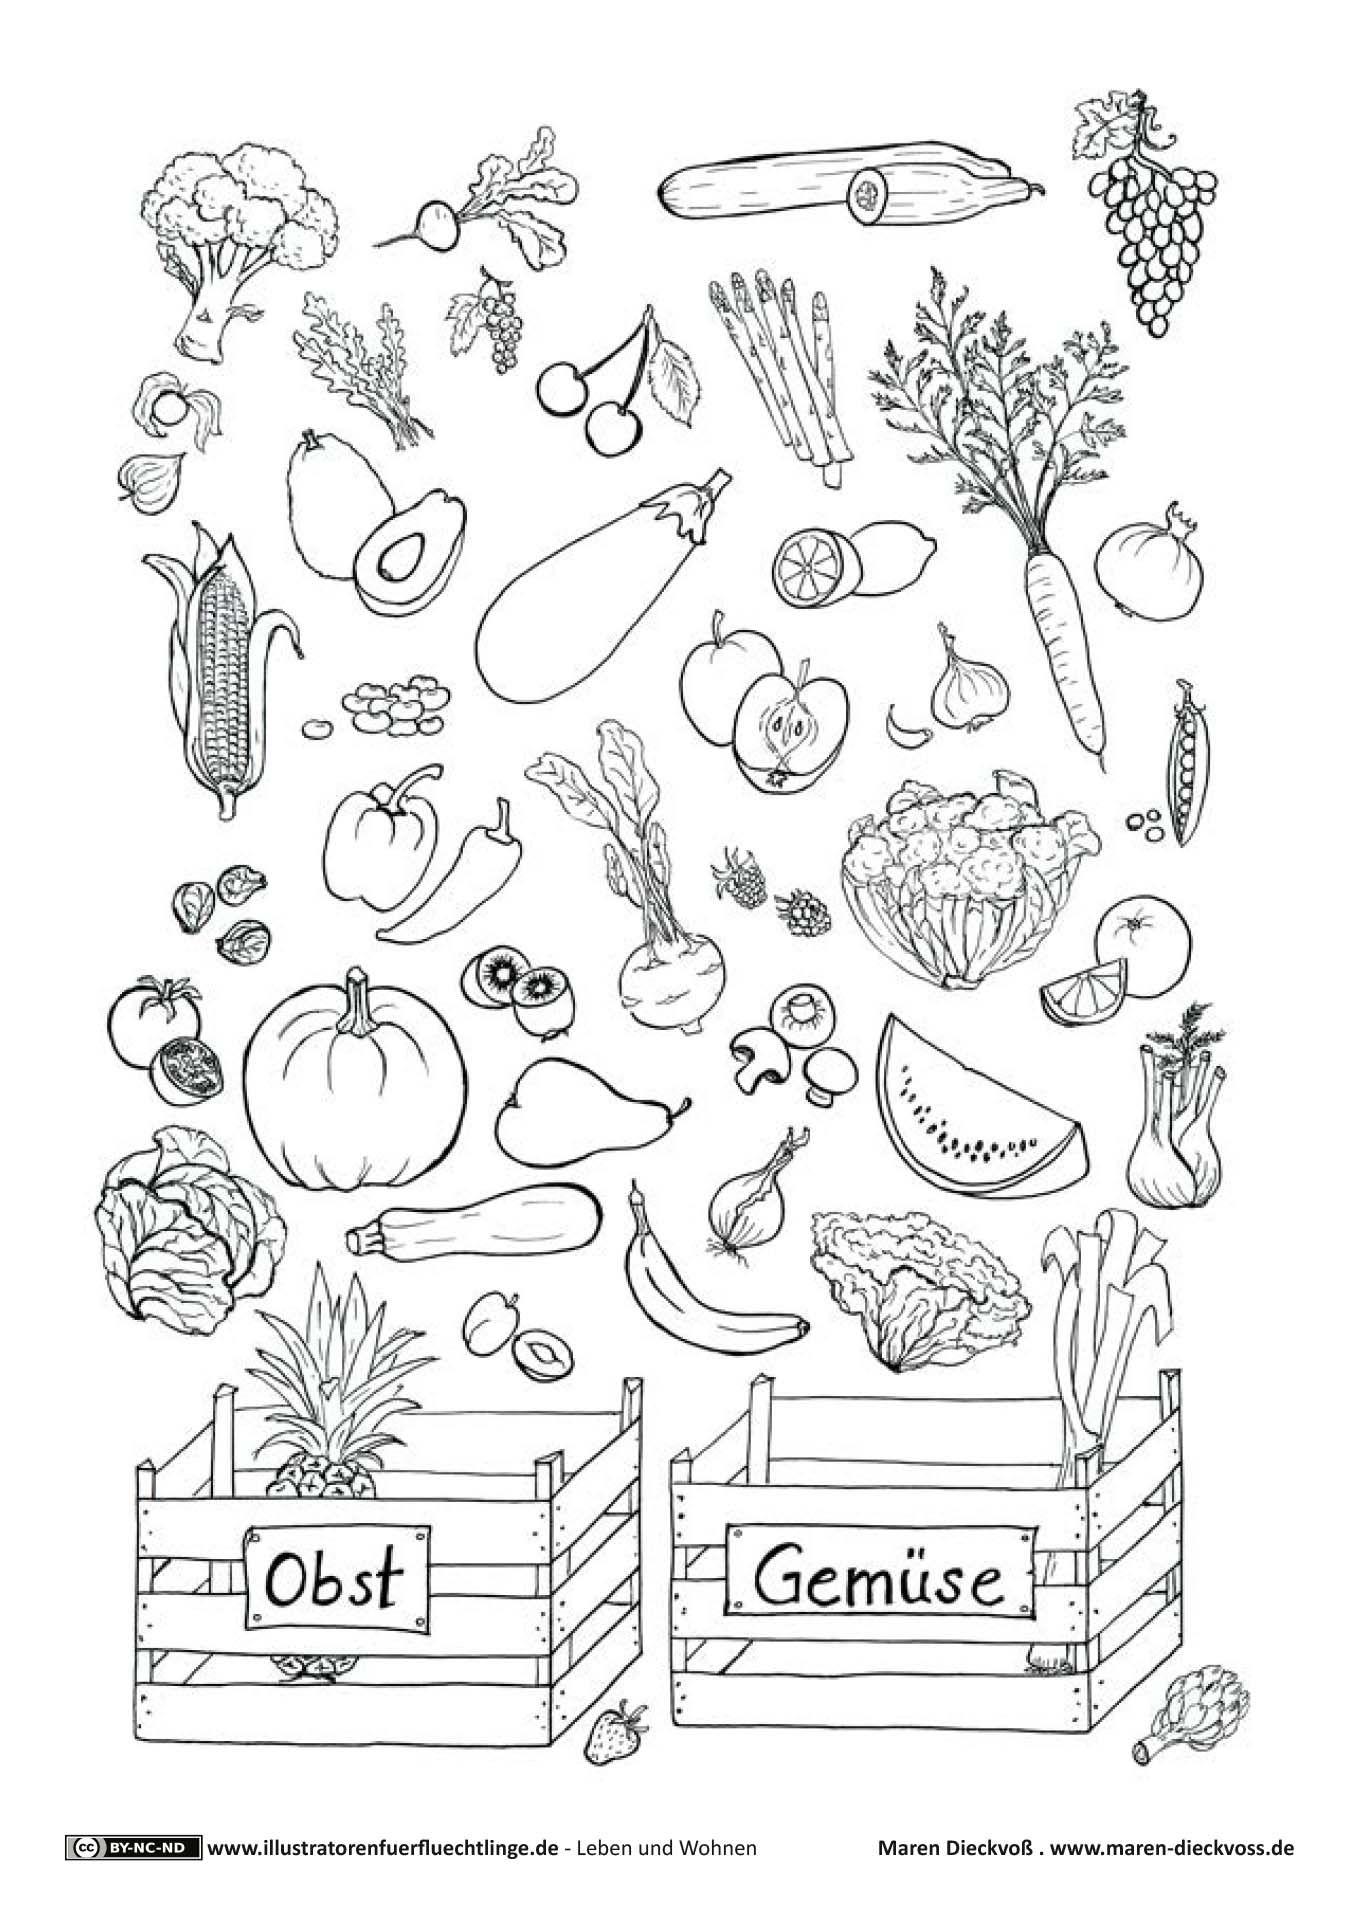 Download als PDF: Leben und Wohnen – Obst Gemüse Ratespiel ...